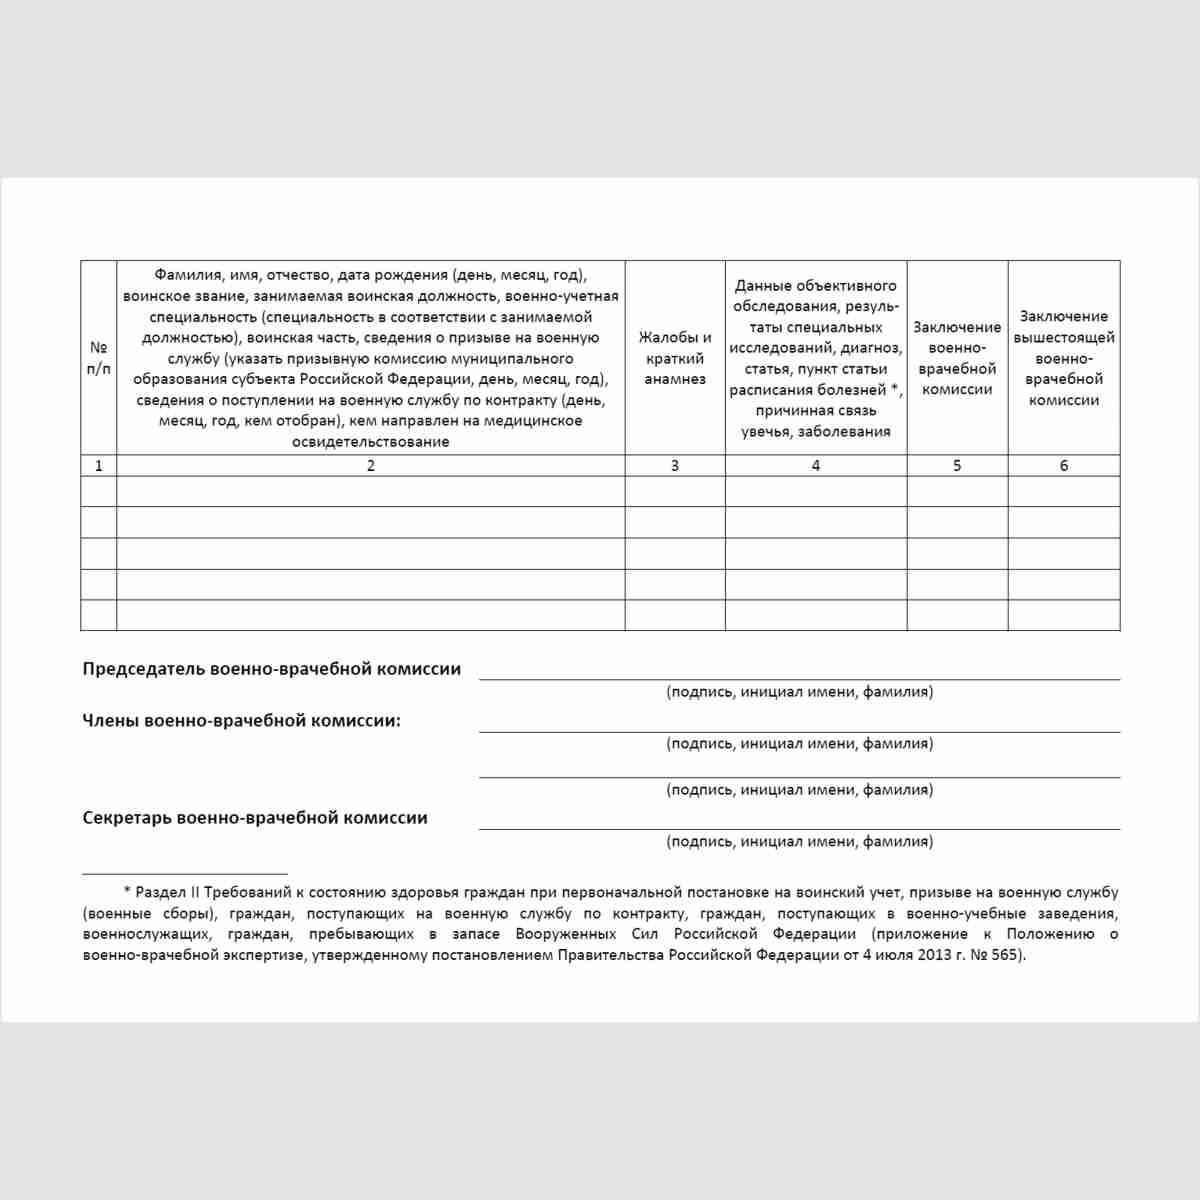 """Форма """"Протокол заседания военно-врачебной комиссии по очному медицинскому освидетельствованию"""". Внутренний лист."""